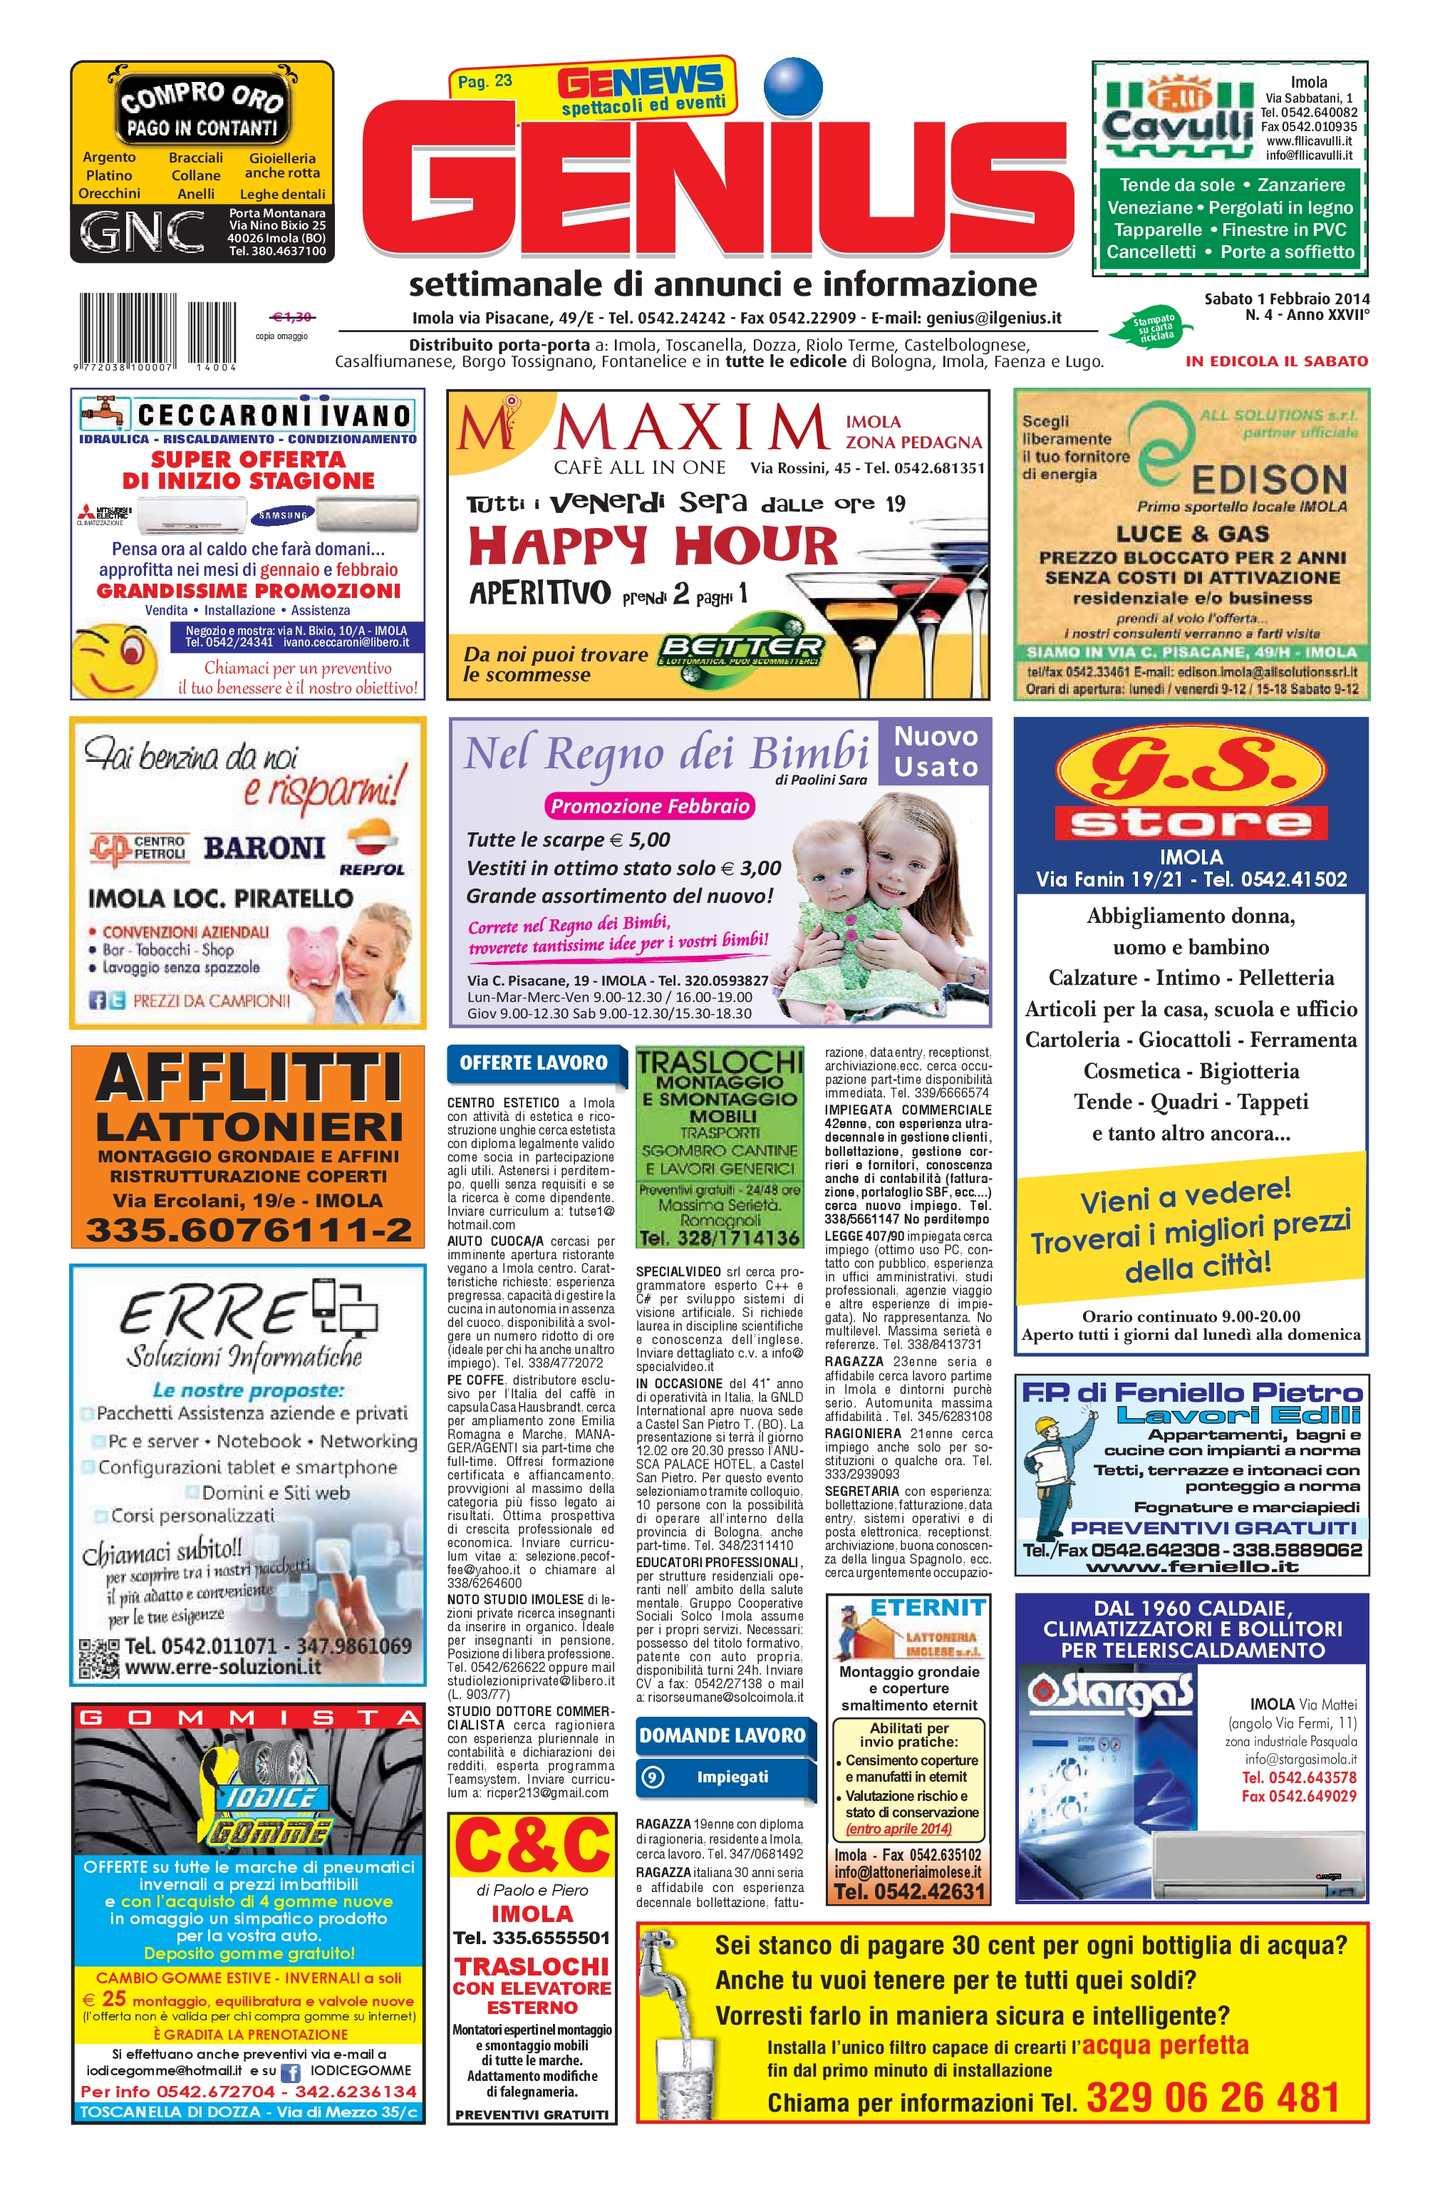 All Origine Imola calaméo - genius imola num. 04 del 1 febbraio 2014